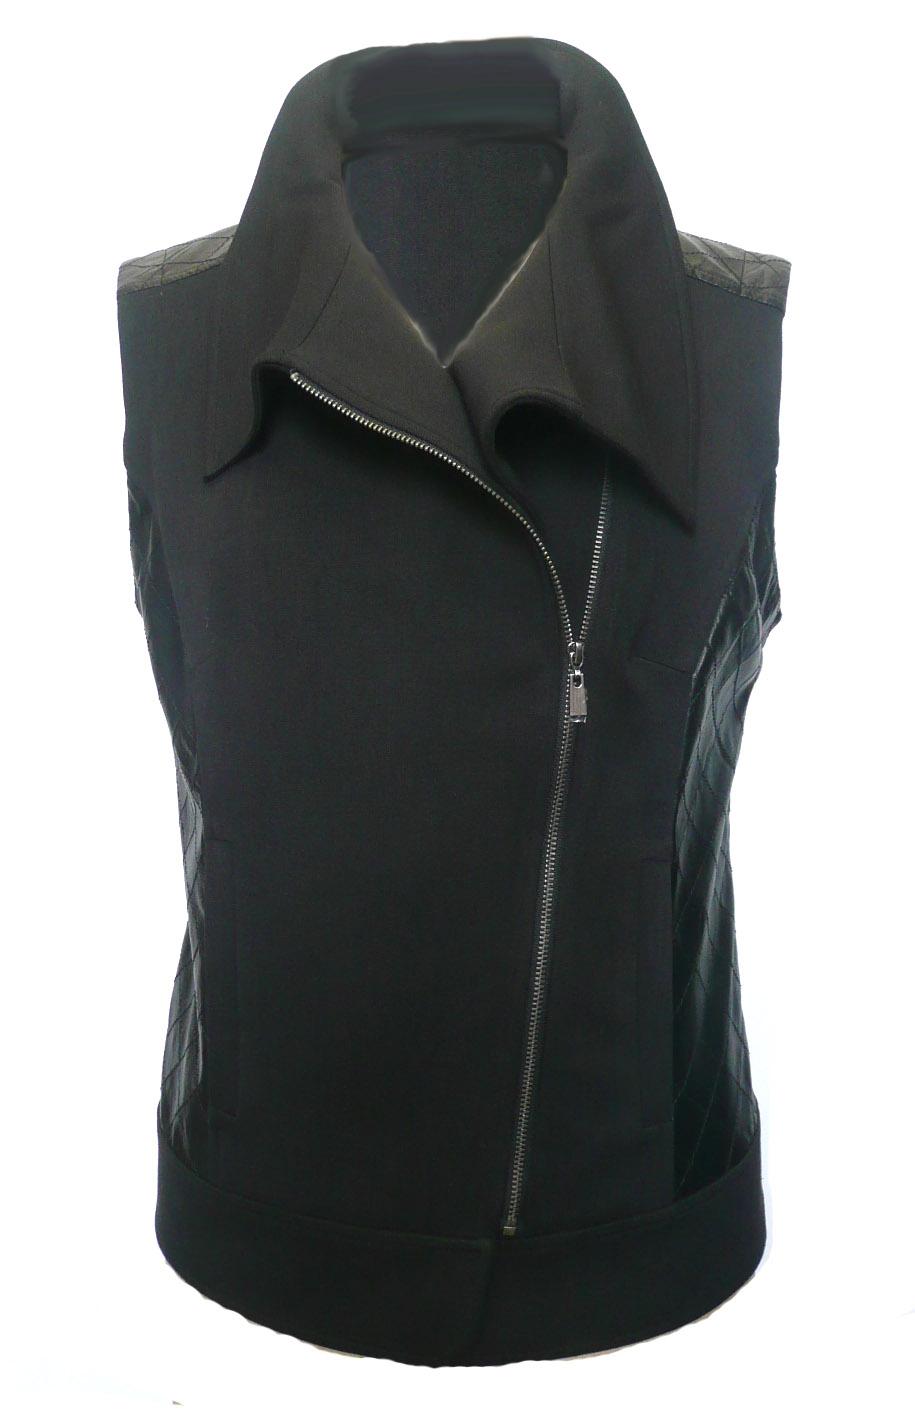 laundry vest.jpg